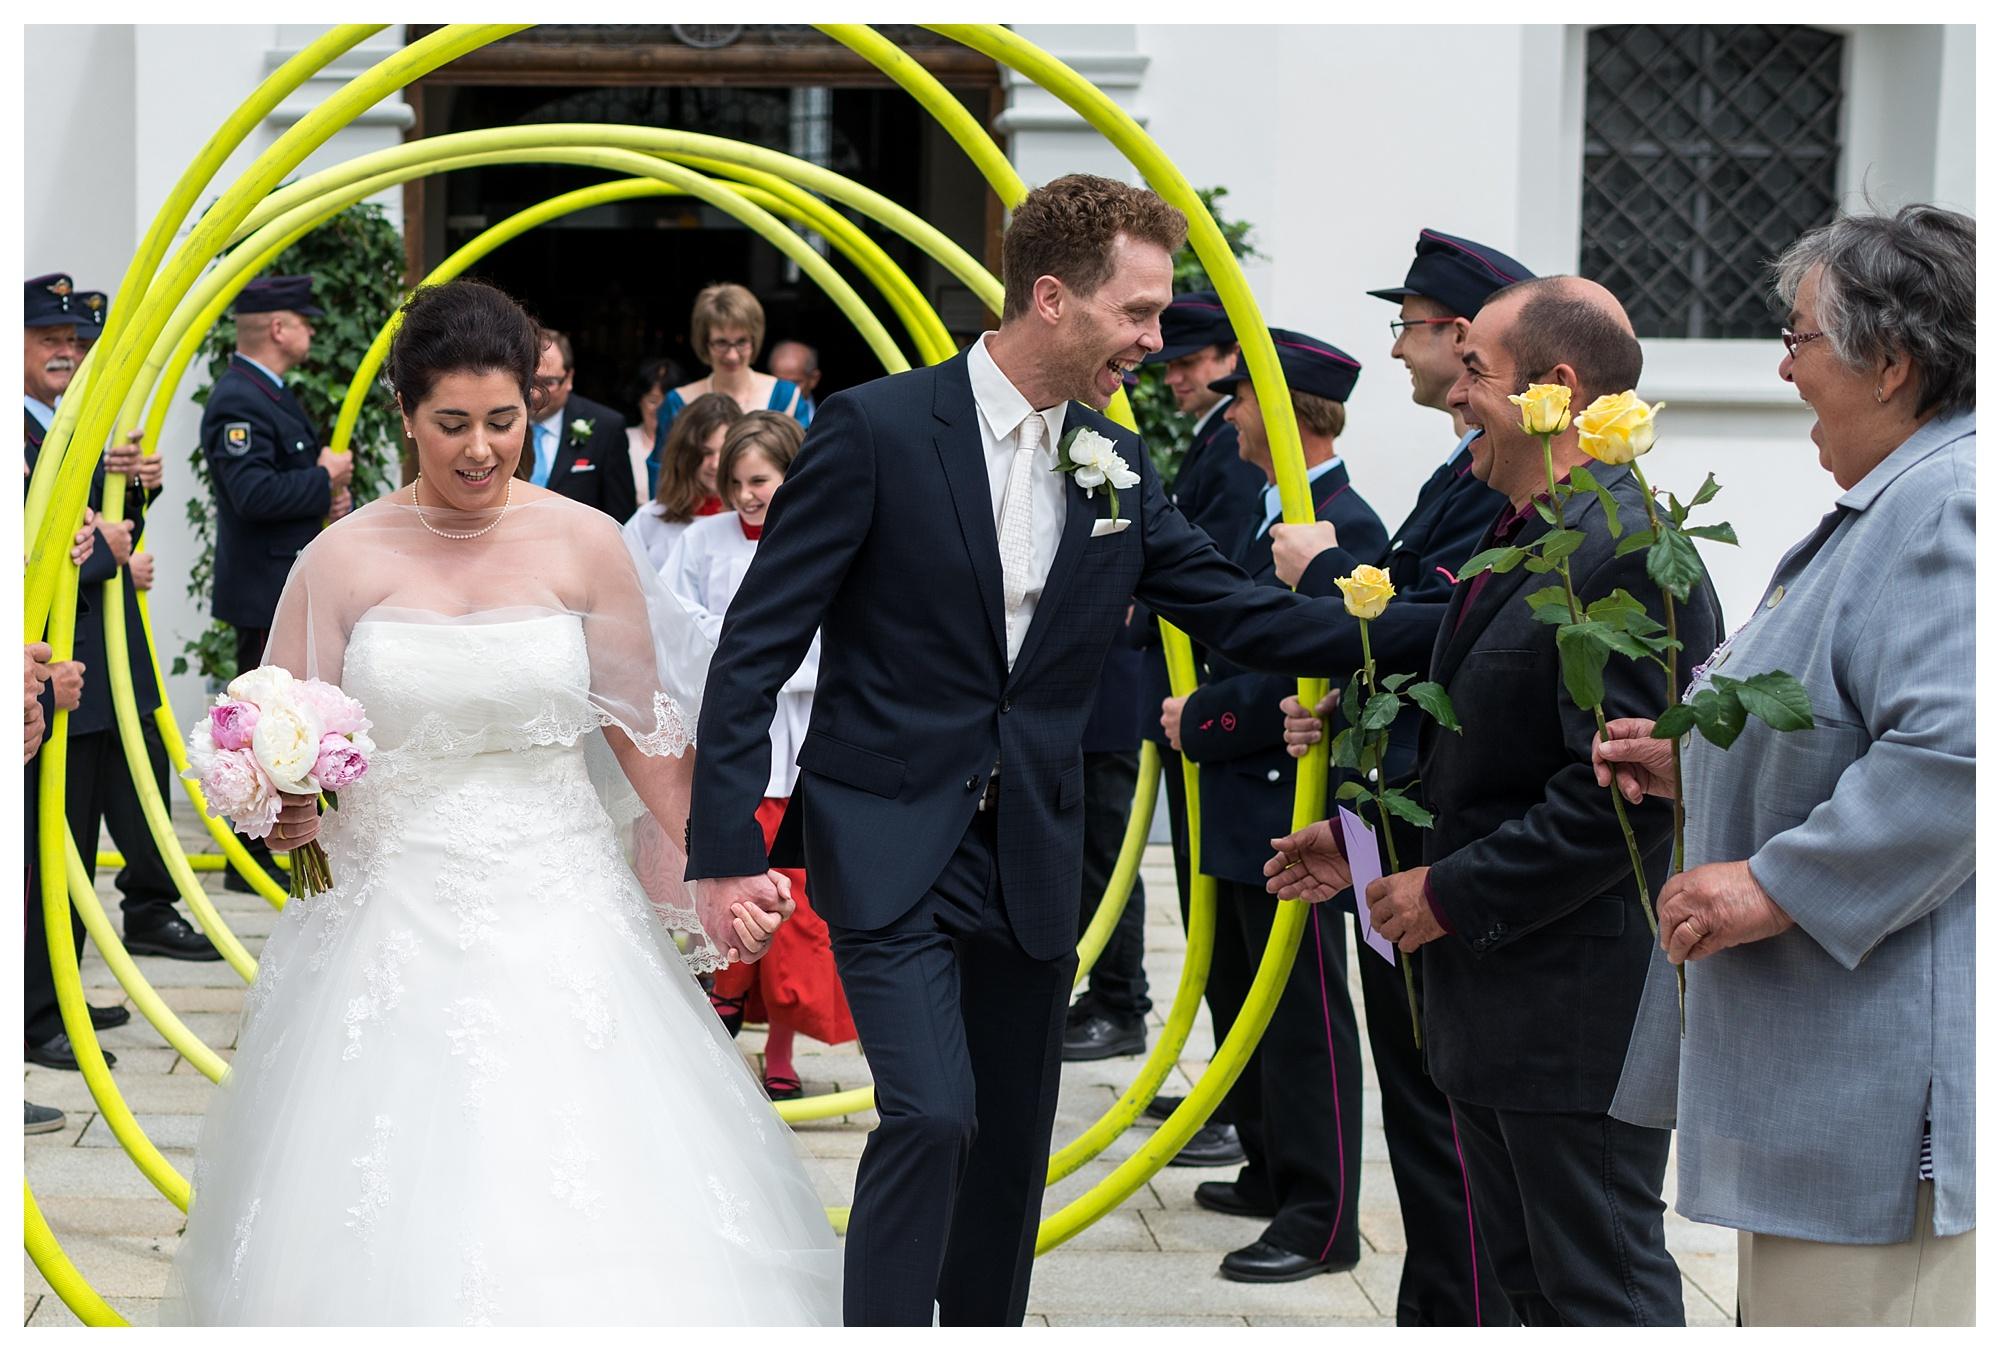 Fotograf Konstanz - Hochzeit Tanja Elmar Elmar Feuerbacher Photography Konstanz Messkirch Highlights 040 - Hochzeitsreportage von Tanja und Elmar im Schloss Meßkirch  - 39 -